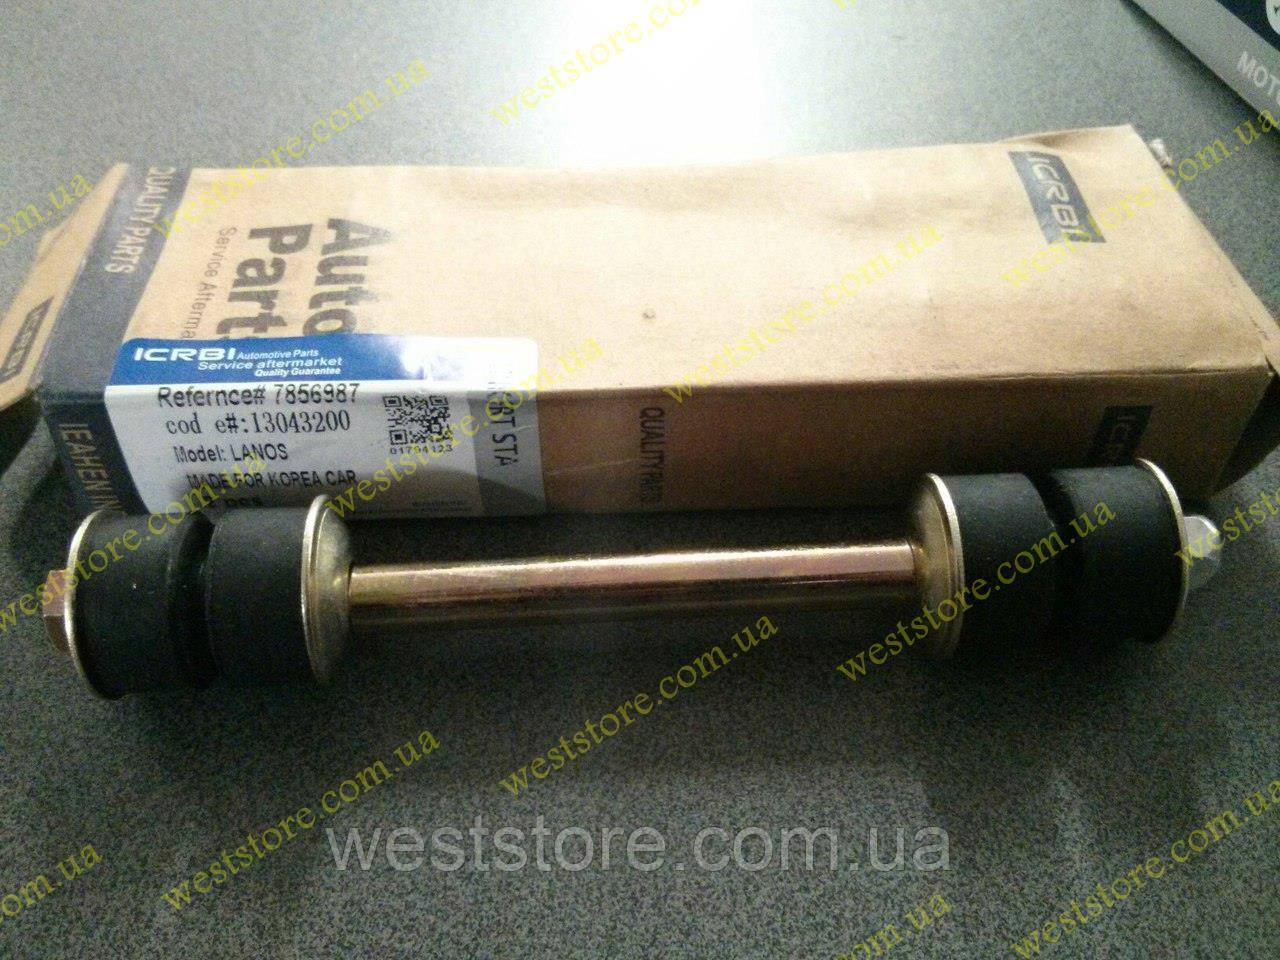 Стойка тяга стабилизатора в сборе Ланос Сенс Lanos Sens CRB 1301127\7856987